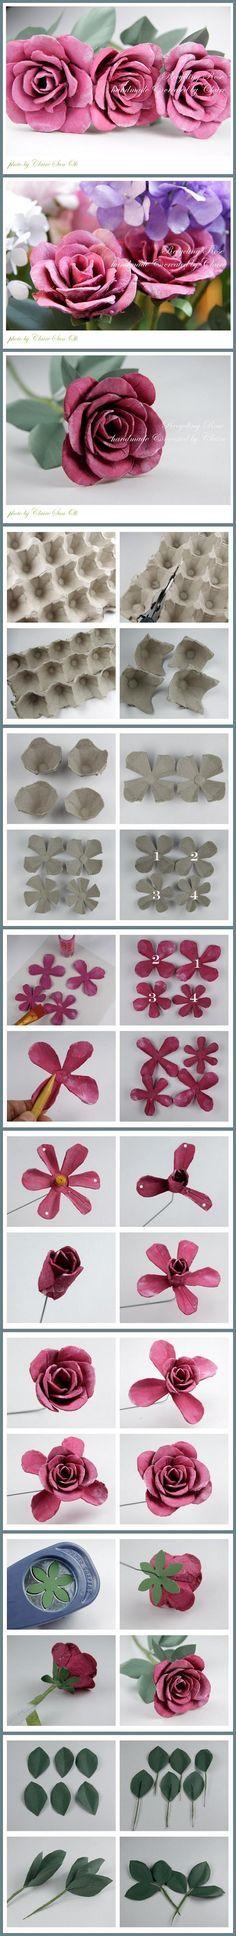 Laboratori per bambini fiori di cartonehttp://laboratoriperbambini.altervista.org/blog/laboratori-per-bambini-rose-di-cartone/